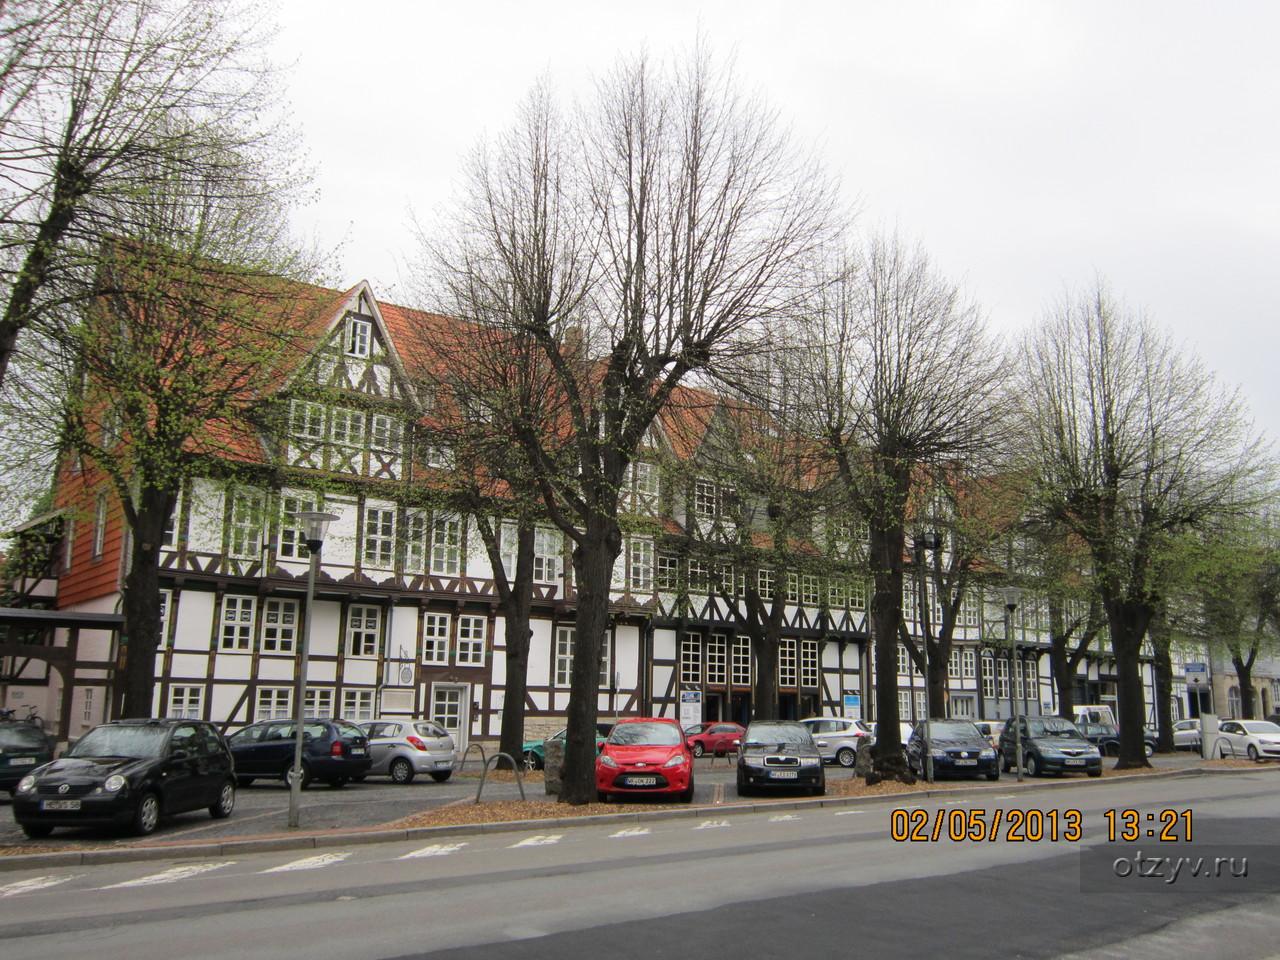 Брауншвейг германия где купить велосипед